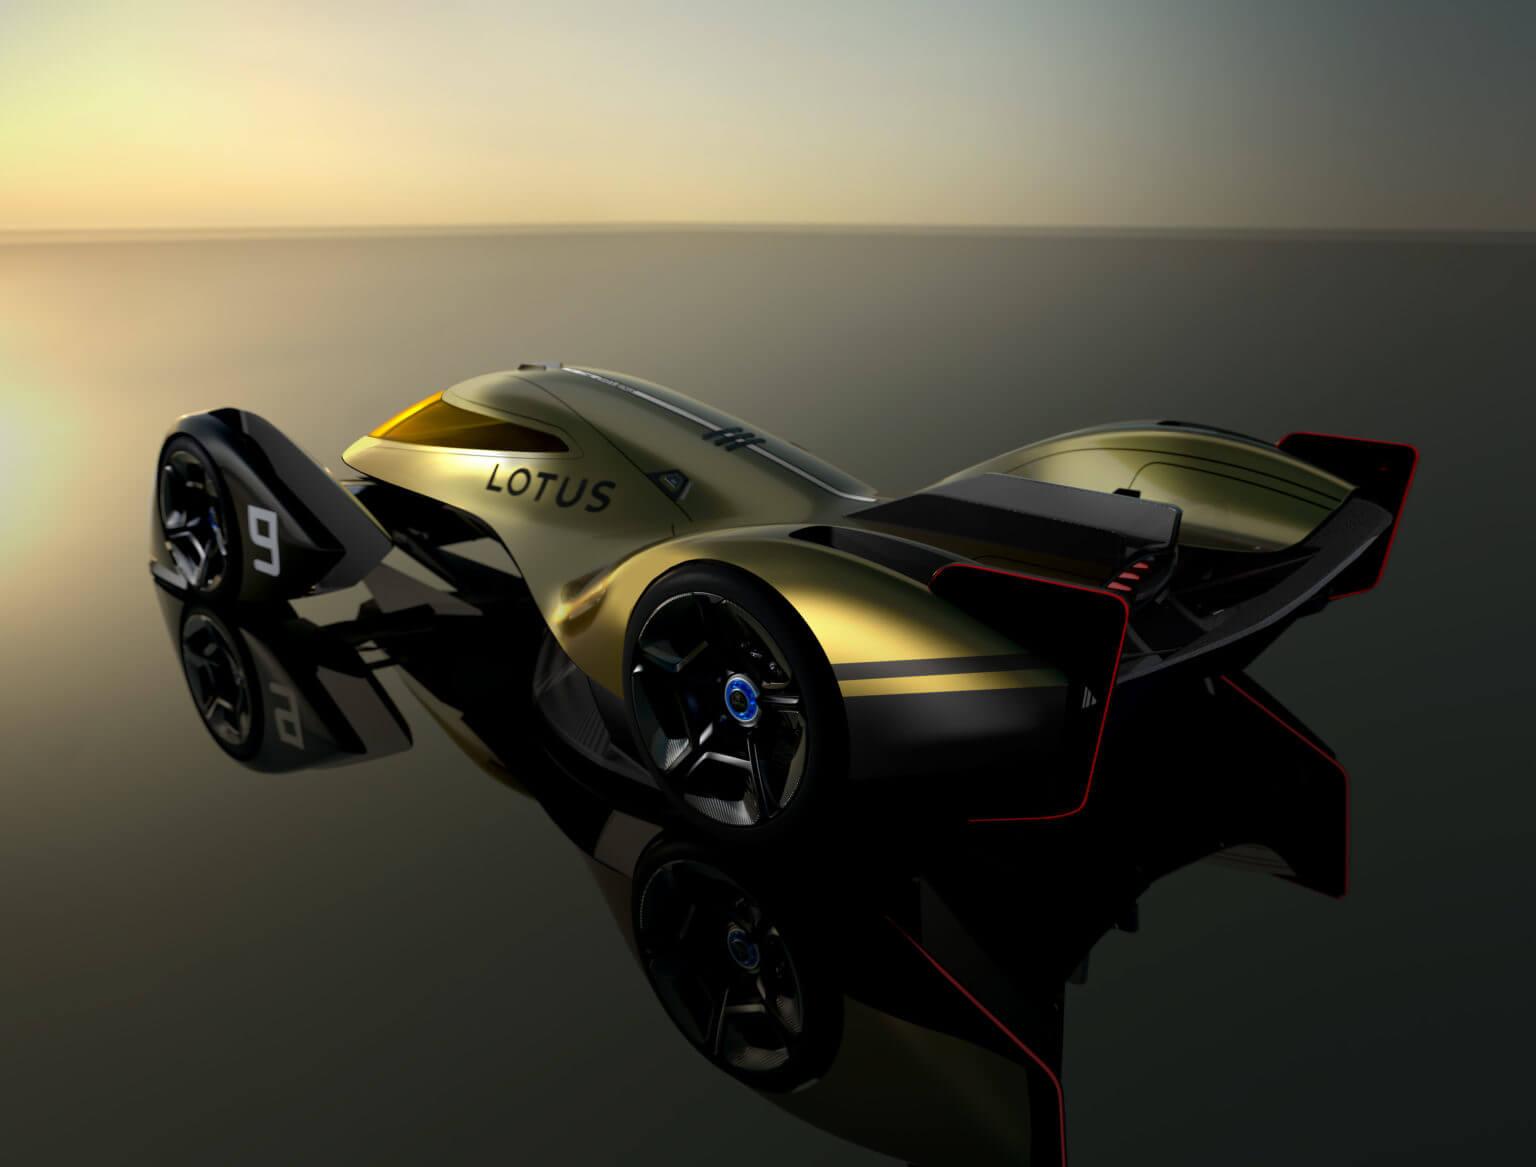 Lotus представил концепт электрического гиперкара E-R9